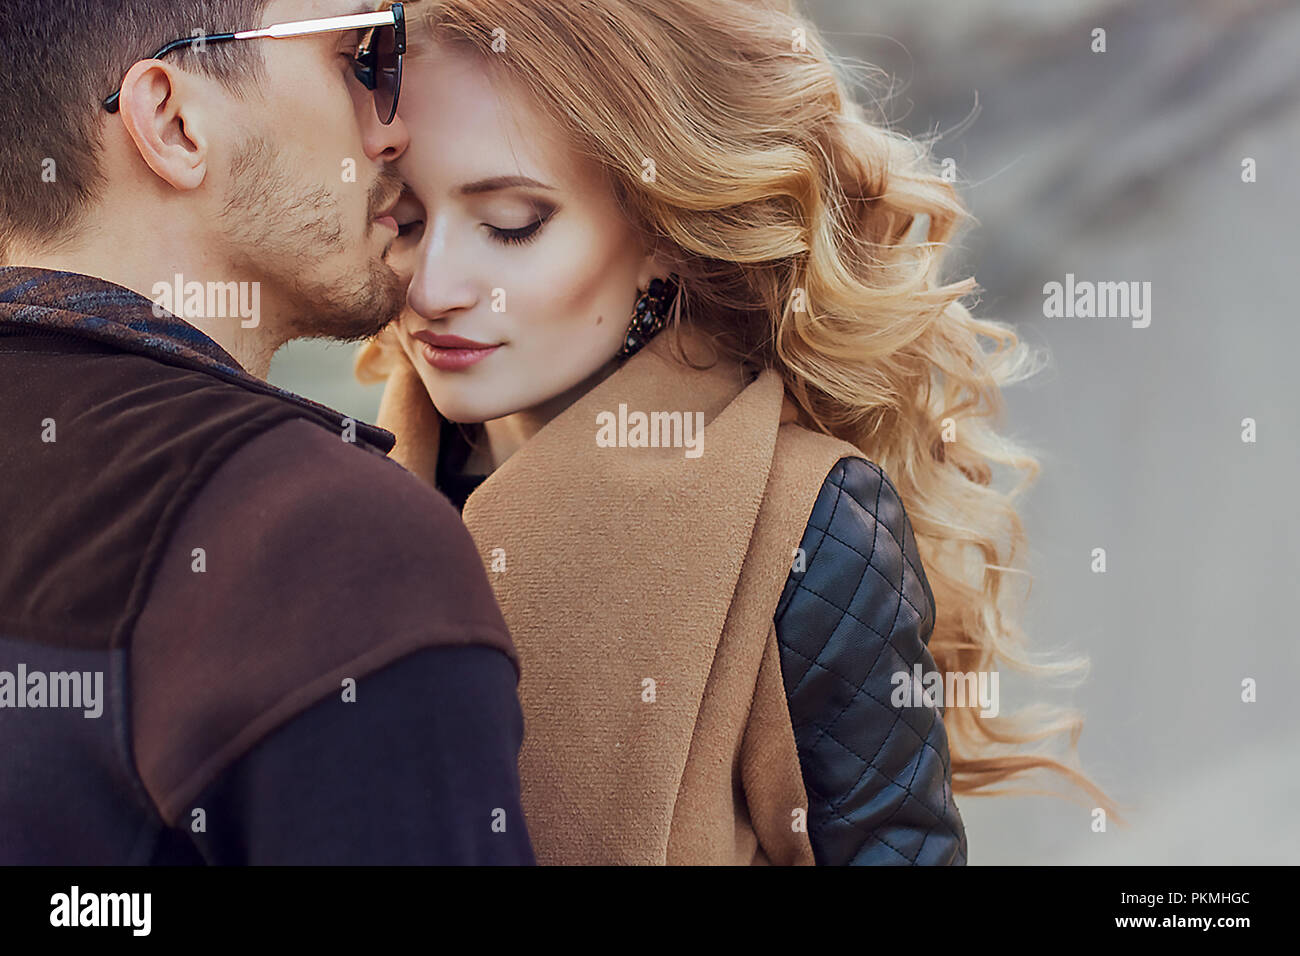 Belo par de amor no Dia dos Namorados. Feliz Casal jovem andando sobre as montanhas de areia em um dia nublado Imagens de Stock